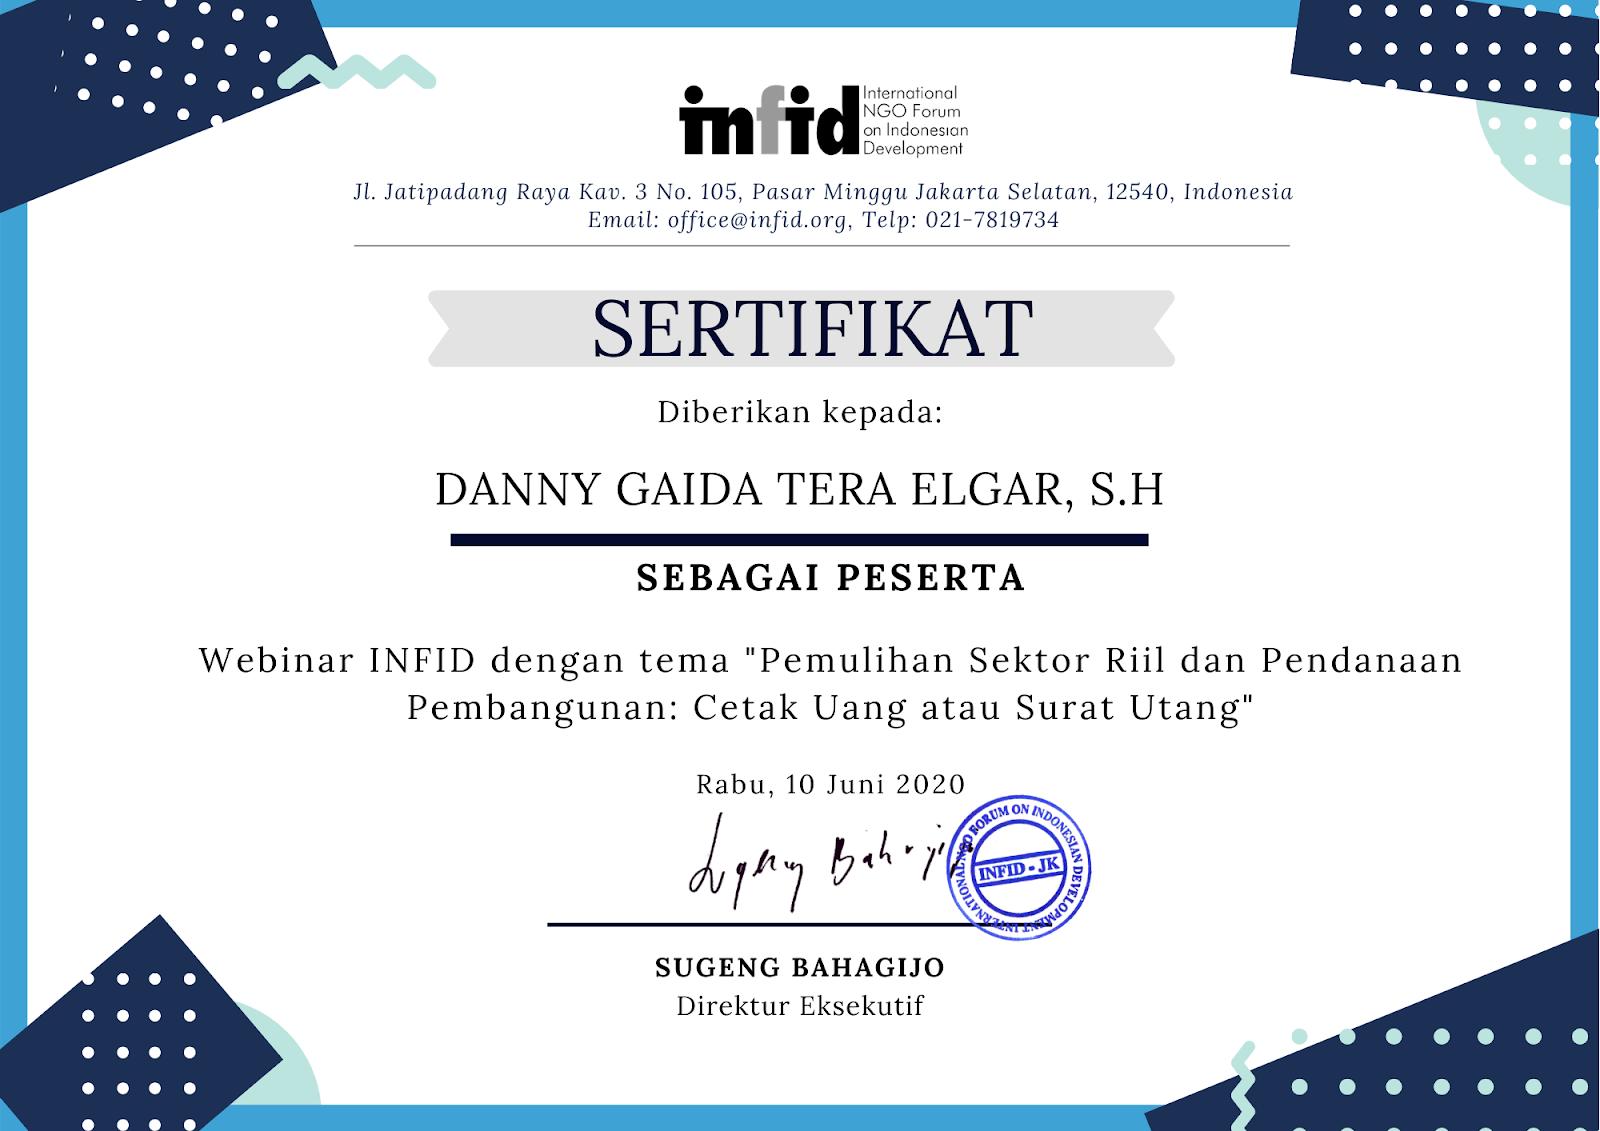 """Piagam Penghargaan International NGO Forum on Indonesian Development (INFID) """"Pemulihan Sektor Riil dan Pendanaan Pembangunan: Cetak Uang atau Surat Utang?"""" (Rabu, 10 Juni 2020)"""